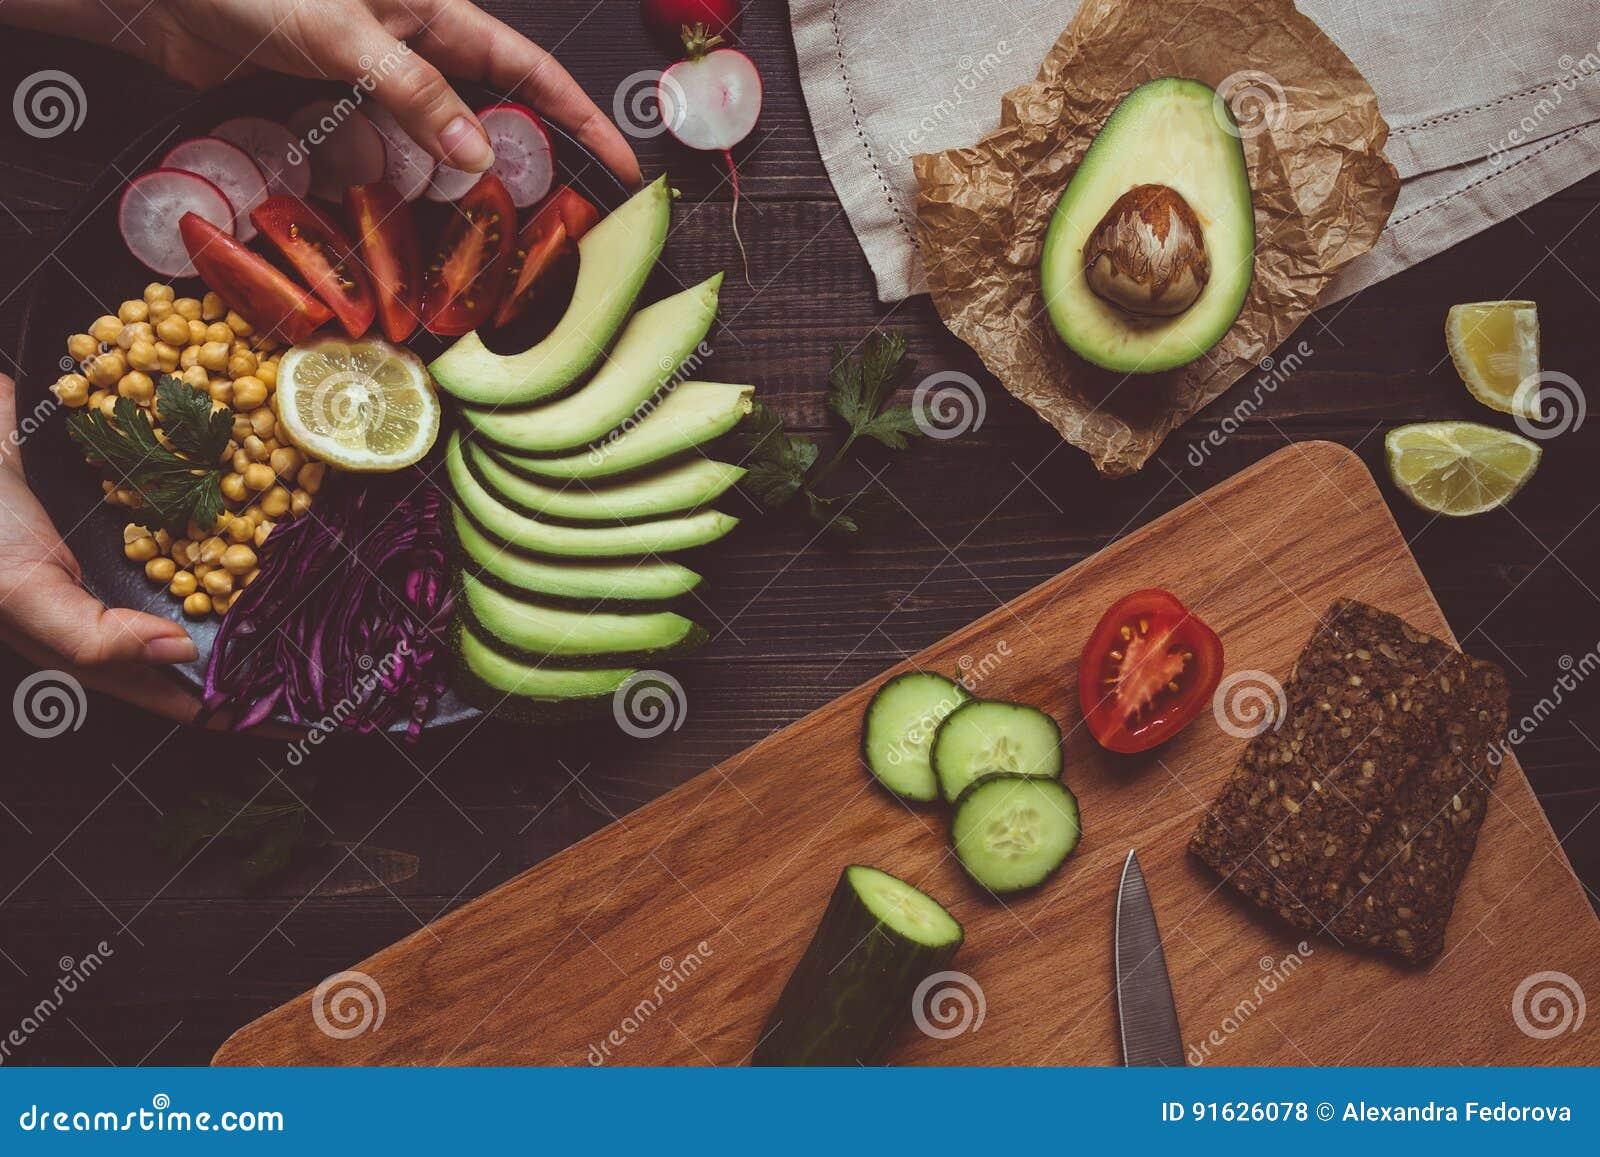 Kulinarny Zdrowy Gosc Restauracji Z Chickpea I Warzywami Pojecia